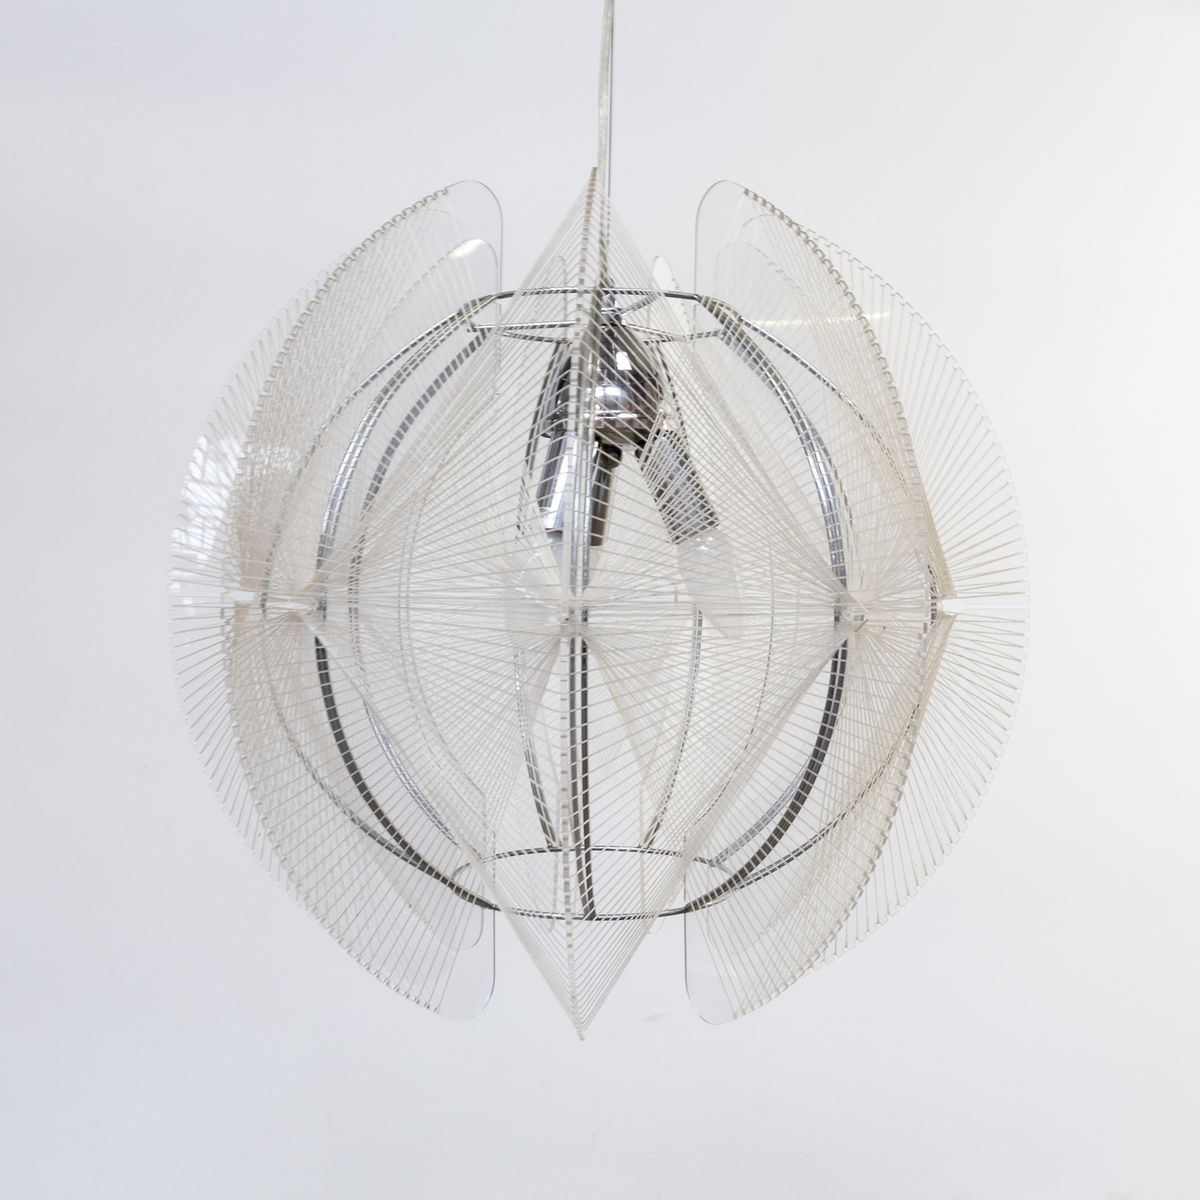 Led Deckenstrahler 230v Wohnzimmer Deckenlampe Poco Billige